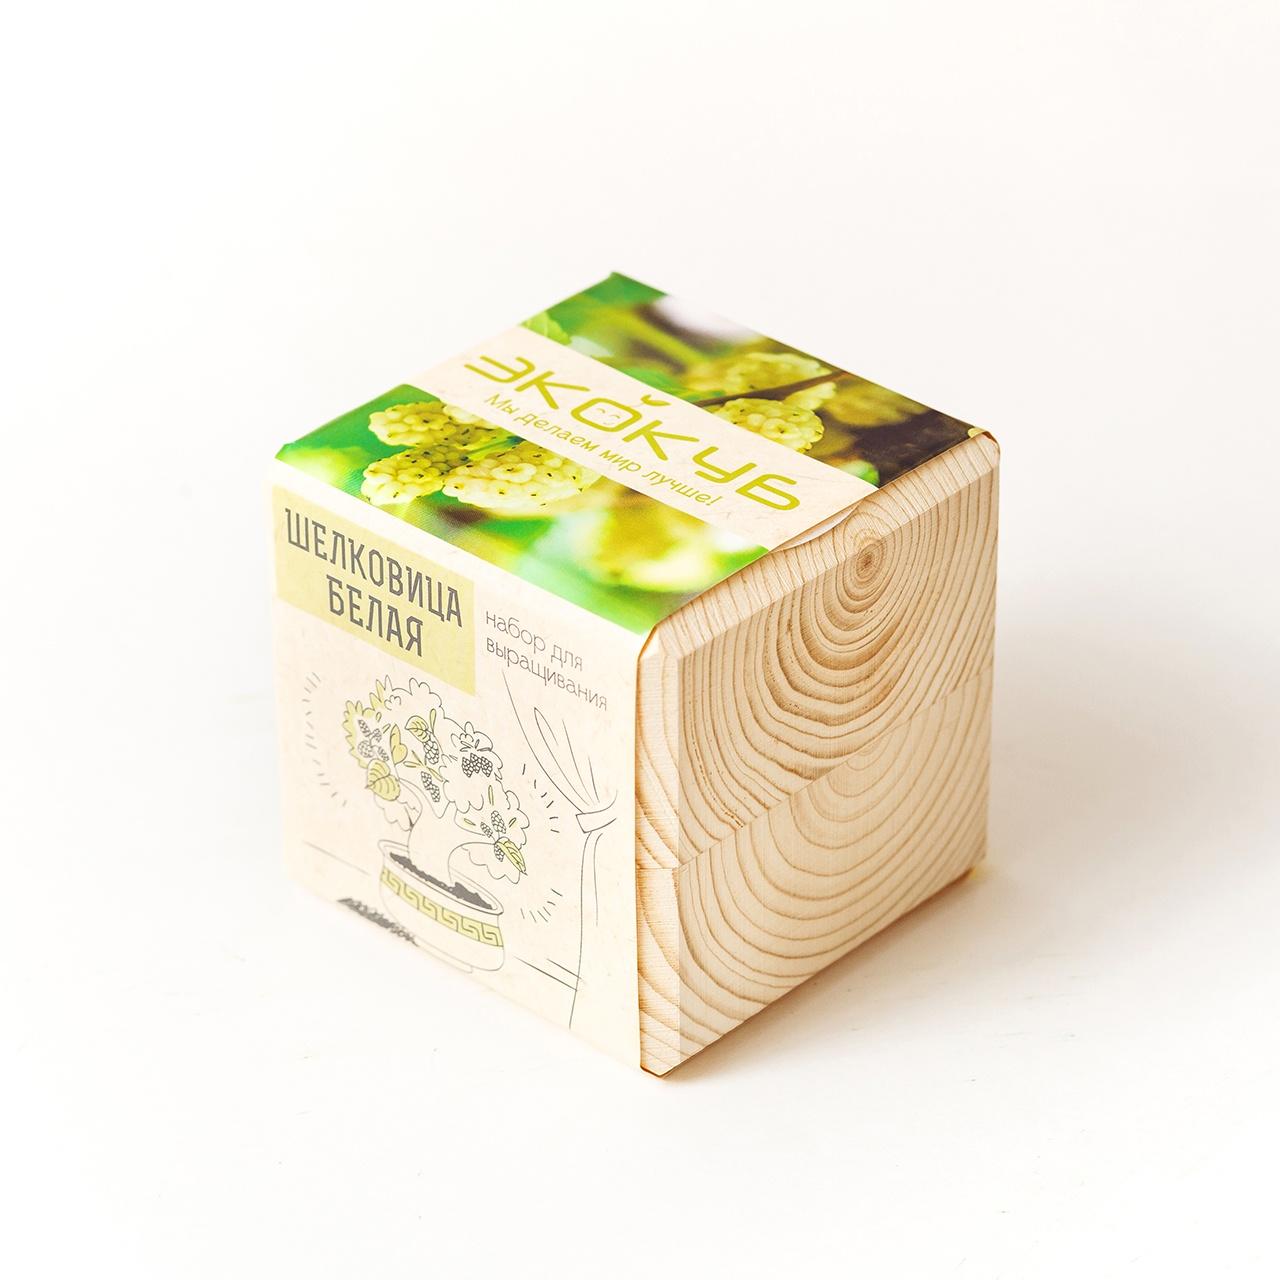 Набор для выращивания Экокуб Шелковица Белая набор для опытов и экспериментов набор для выращивания экокуб базилик